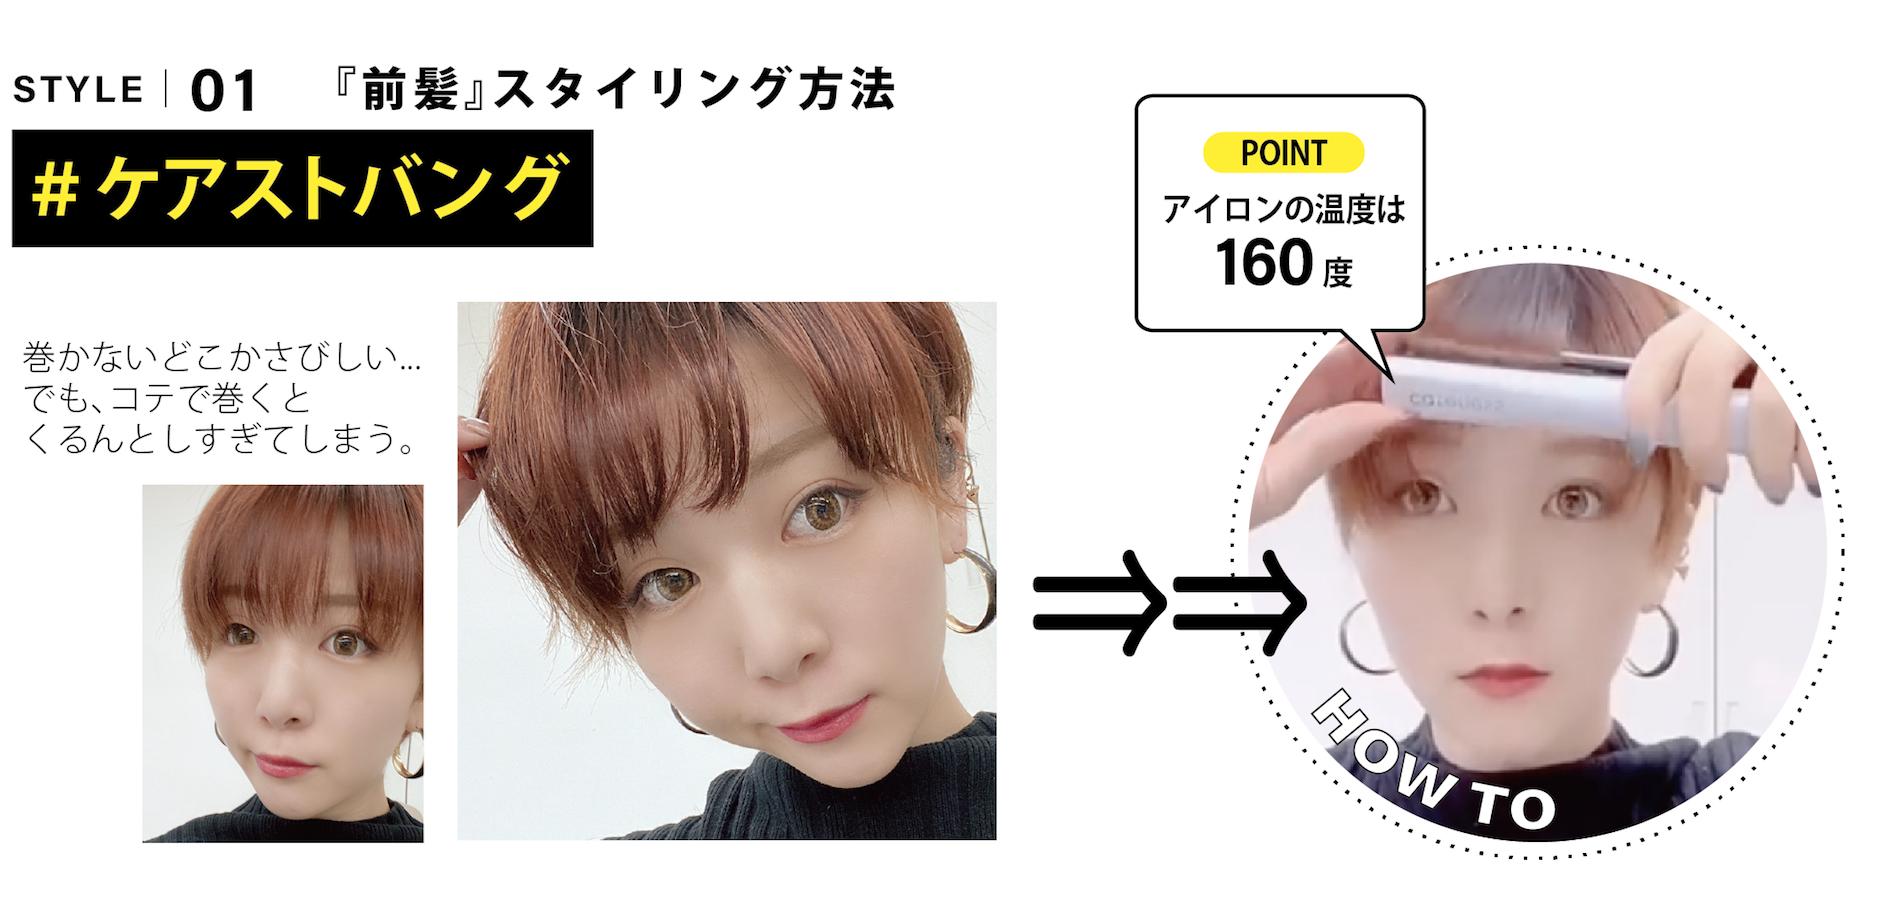 前髪スタイリング方法